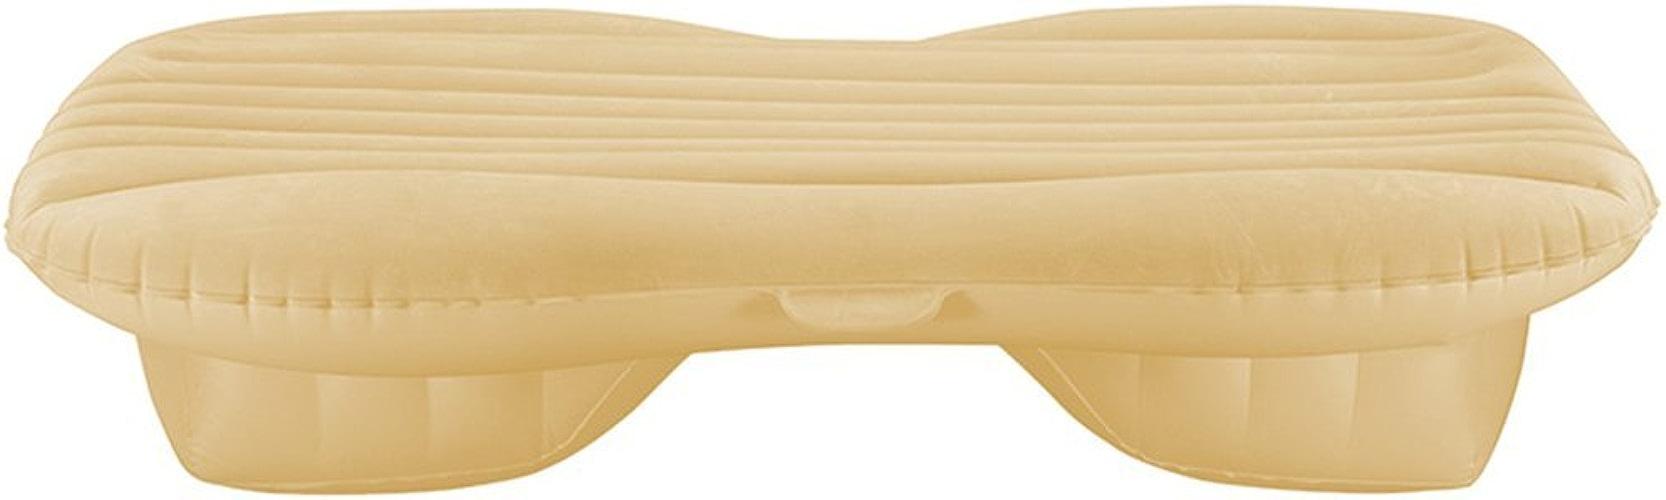 Giow Lit Gonflable pour Voiture SUV Universal Air Bed Lit de Voyage extérieur Adulte échappement arrière Portable Coussin d'échappement Lit de Voyage Gonflable air de Voiture lit Gonflable (Coule